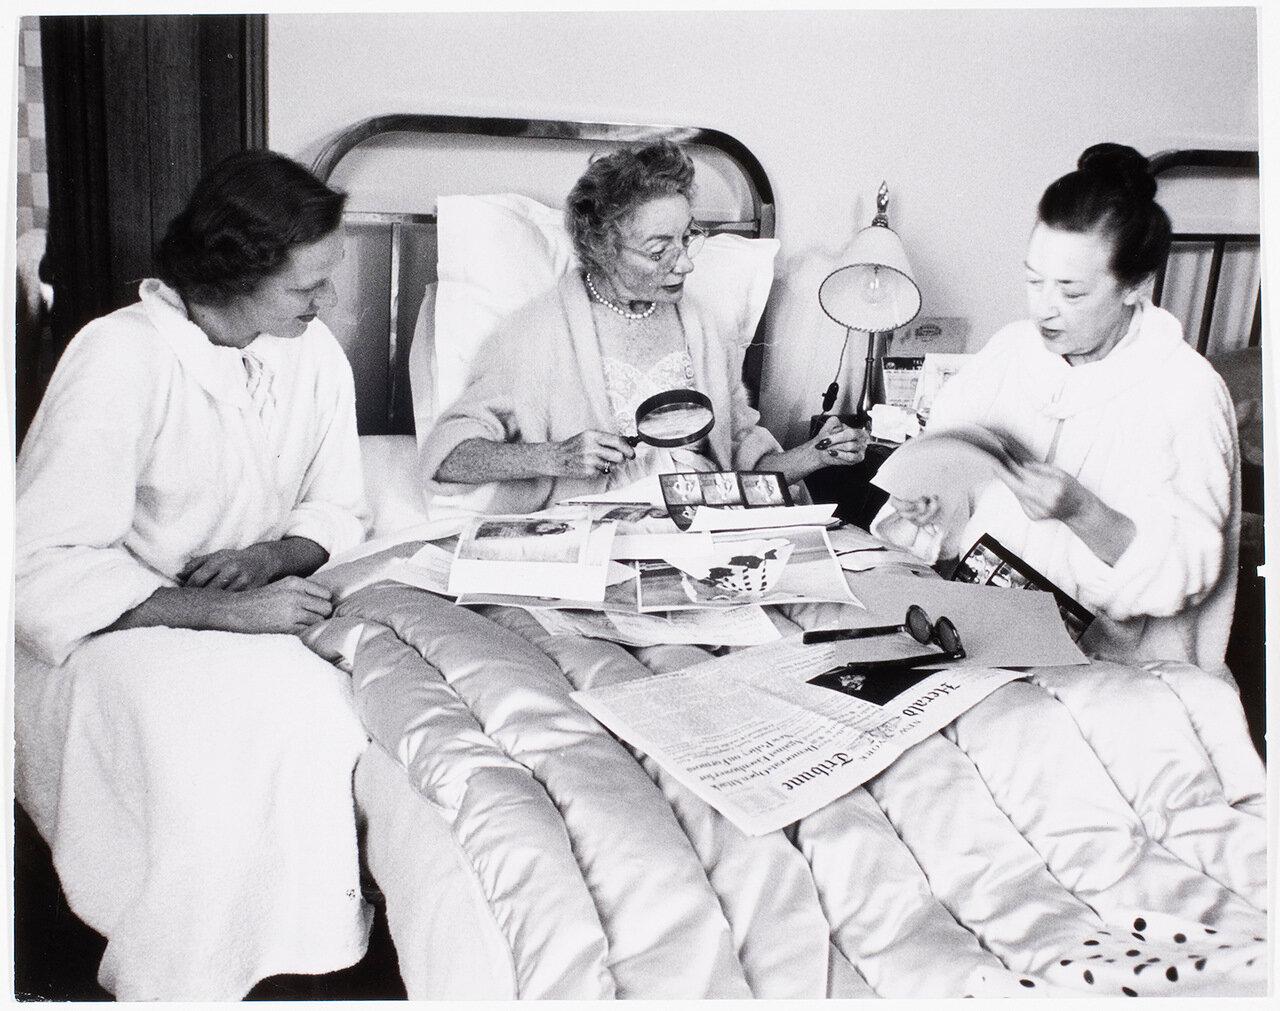 1953. Фотограф Луиза Даль-Вульф возле кровати, где находится главный редактор Harper's Bazaar Кармель Сноу